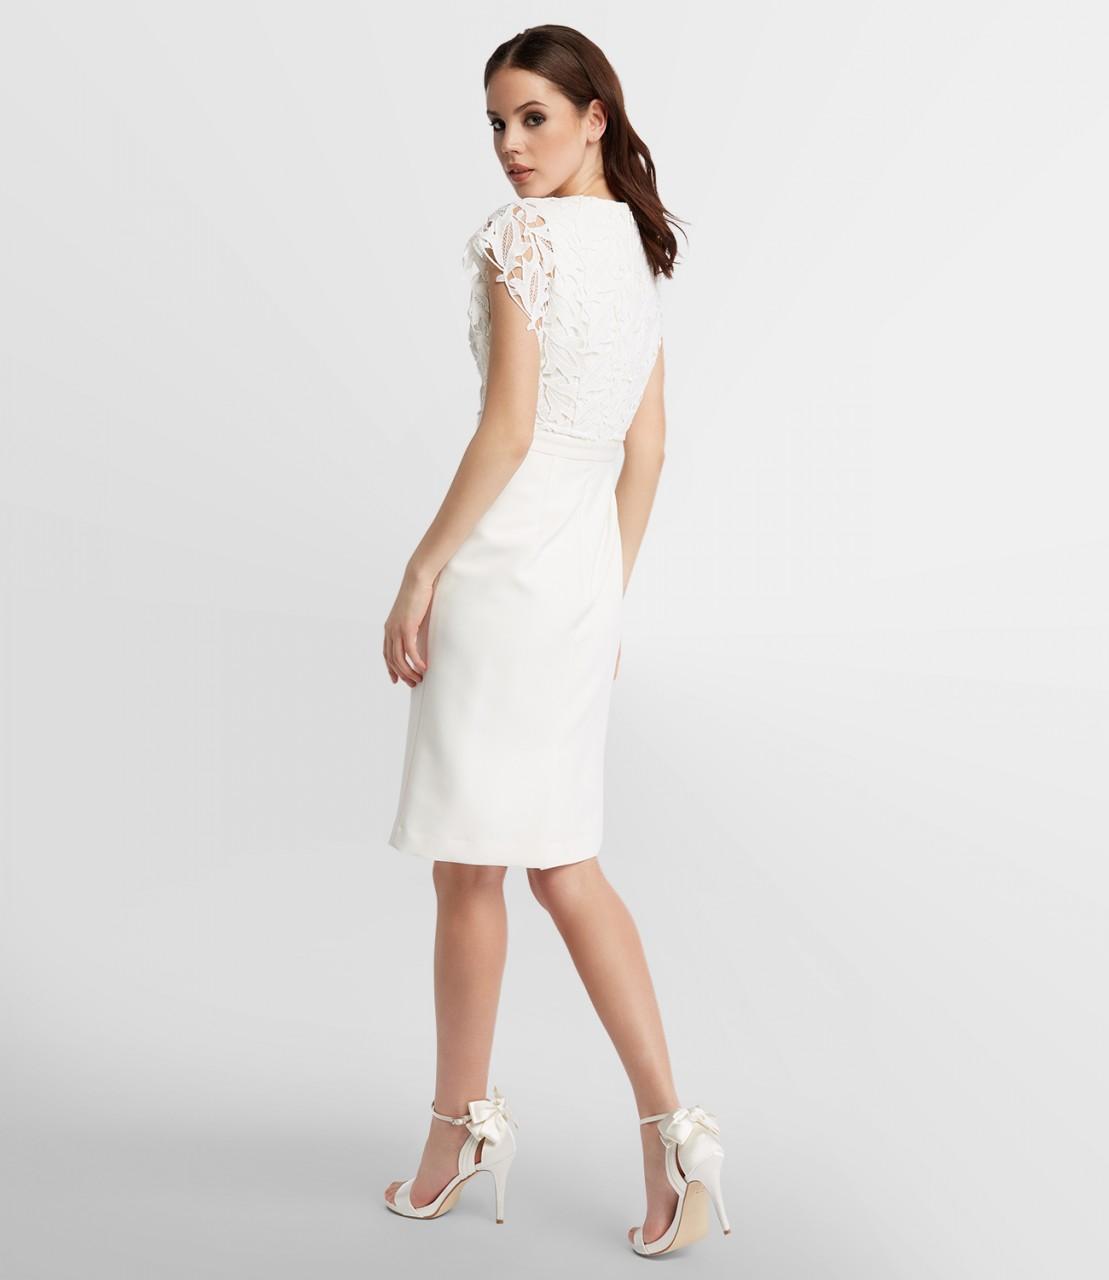 Kurzes Hochzeitskleid